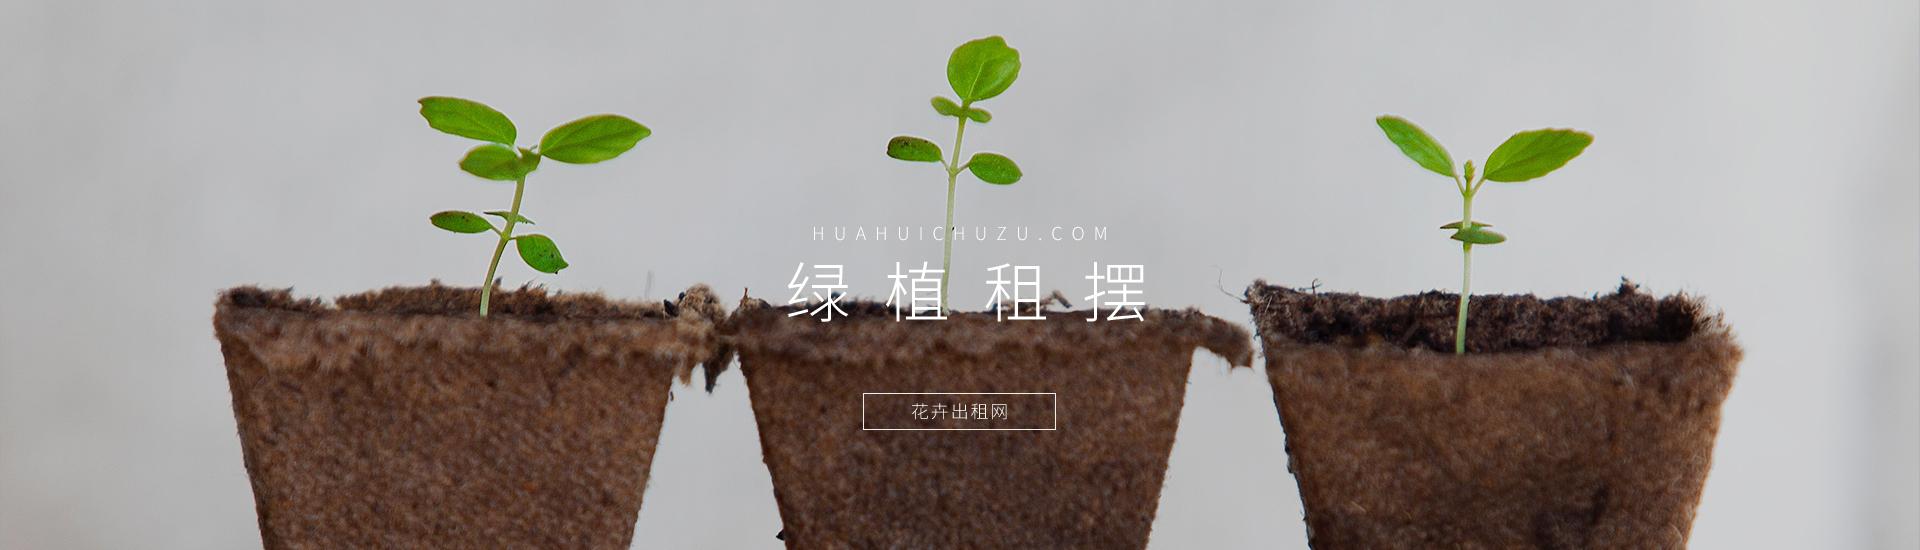 北京蓝润园林绿化工程有限公司